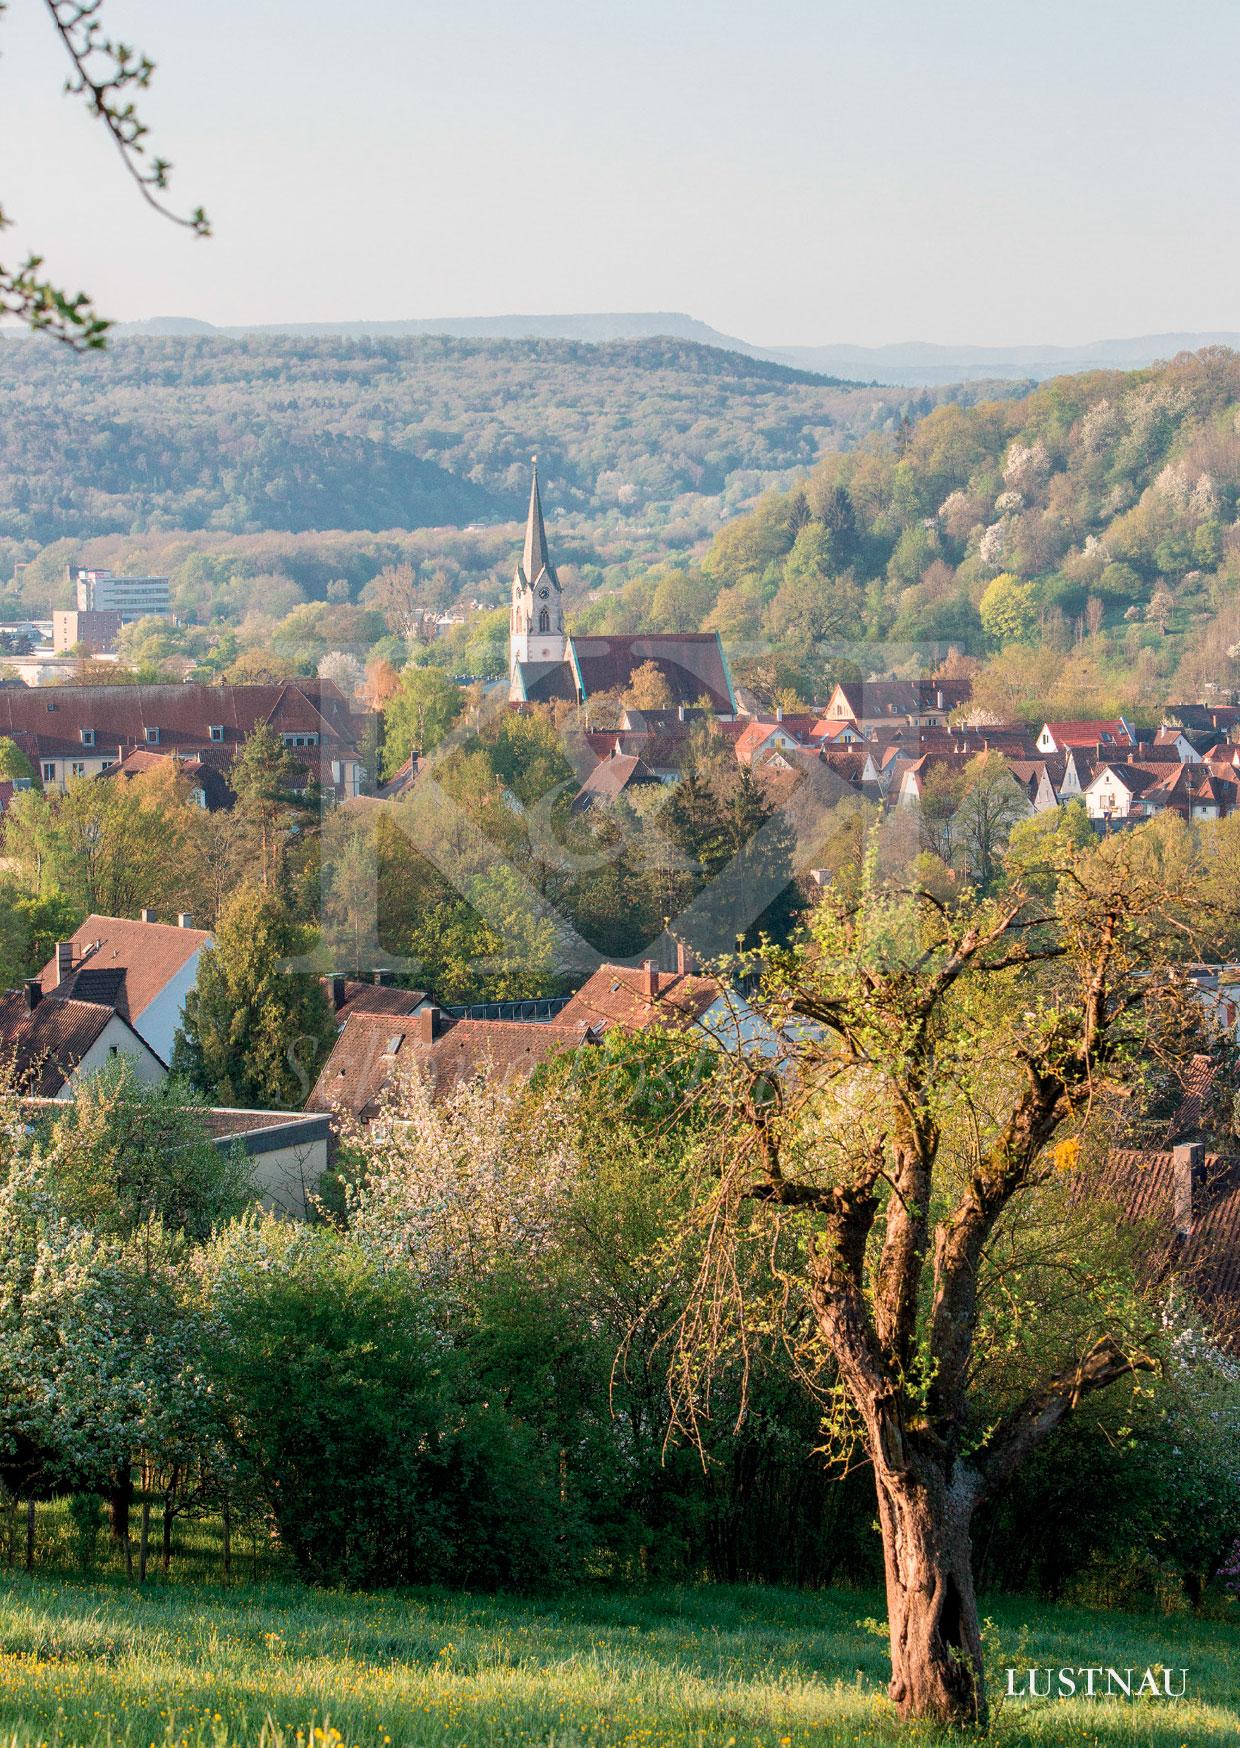 >>> NEU: Schöne Postkarte Nr. 120 · Blick auf Lustnau, Stadtteil von Tübingen